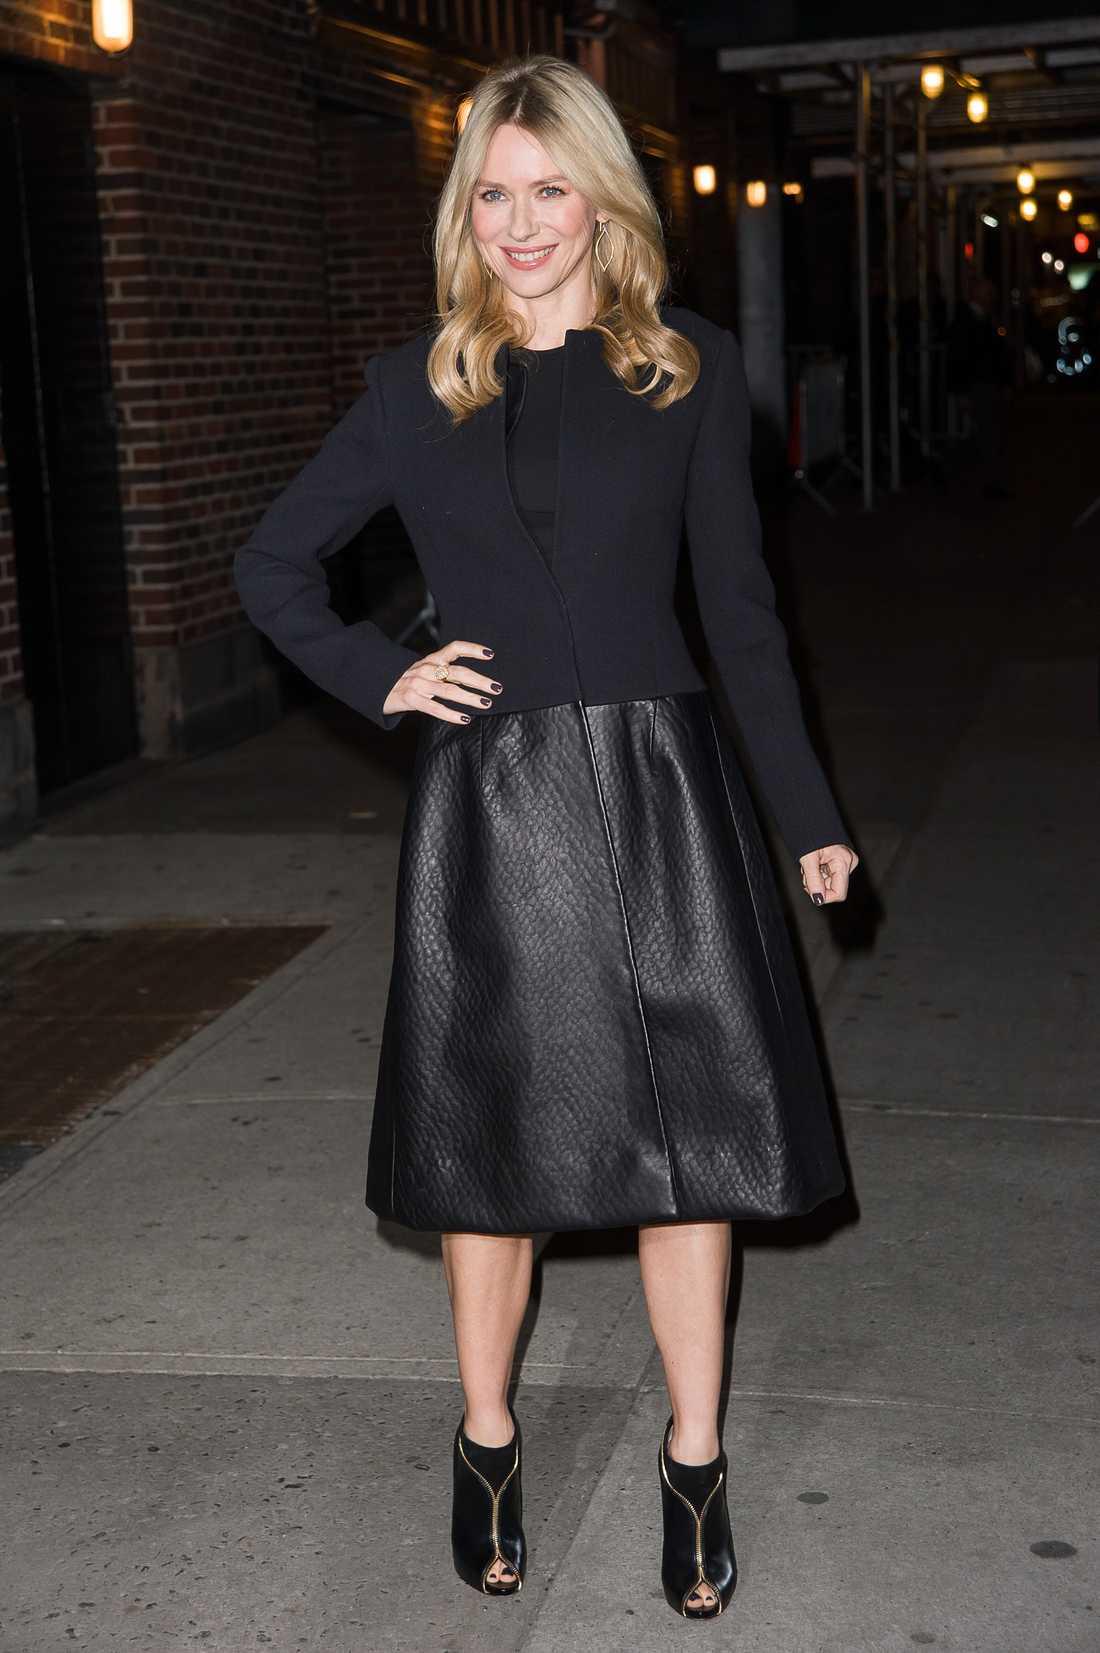 Naomi watts strålar i klänning från Stella McCartney, kappa signerad Calvin Klein och Louboutins på fötterna.